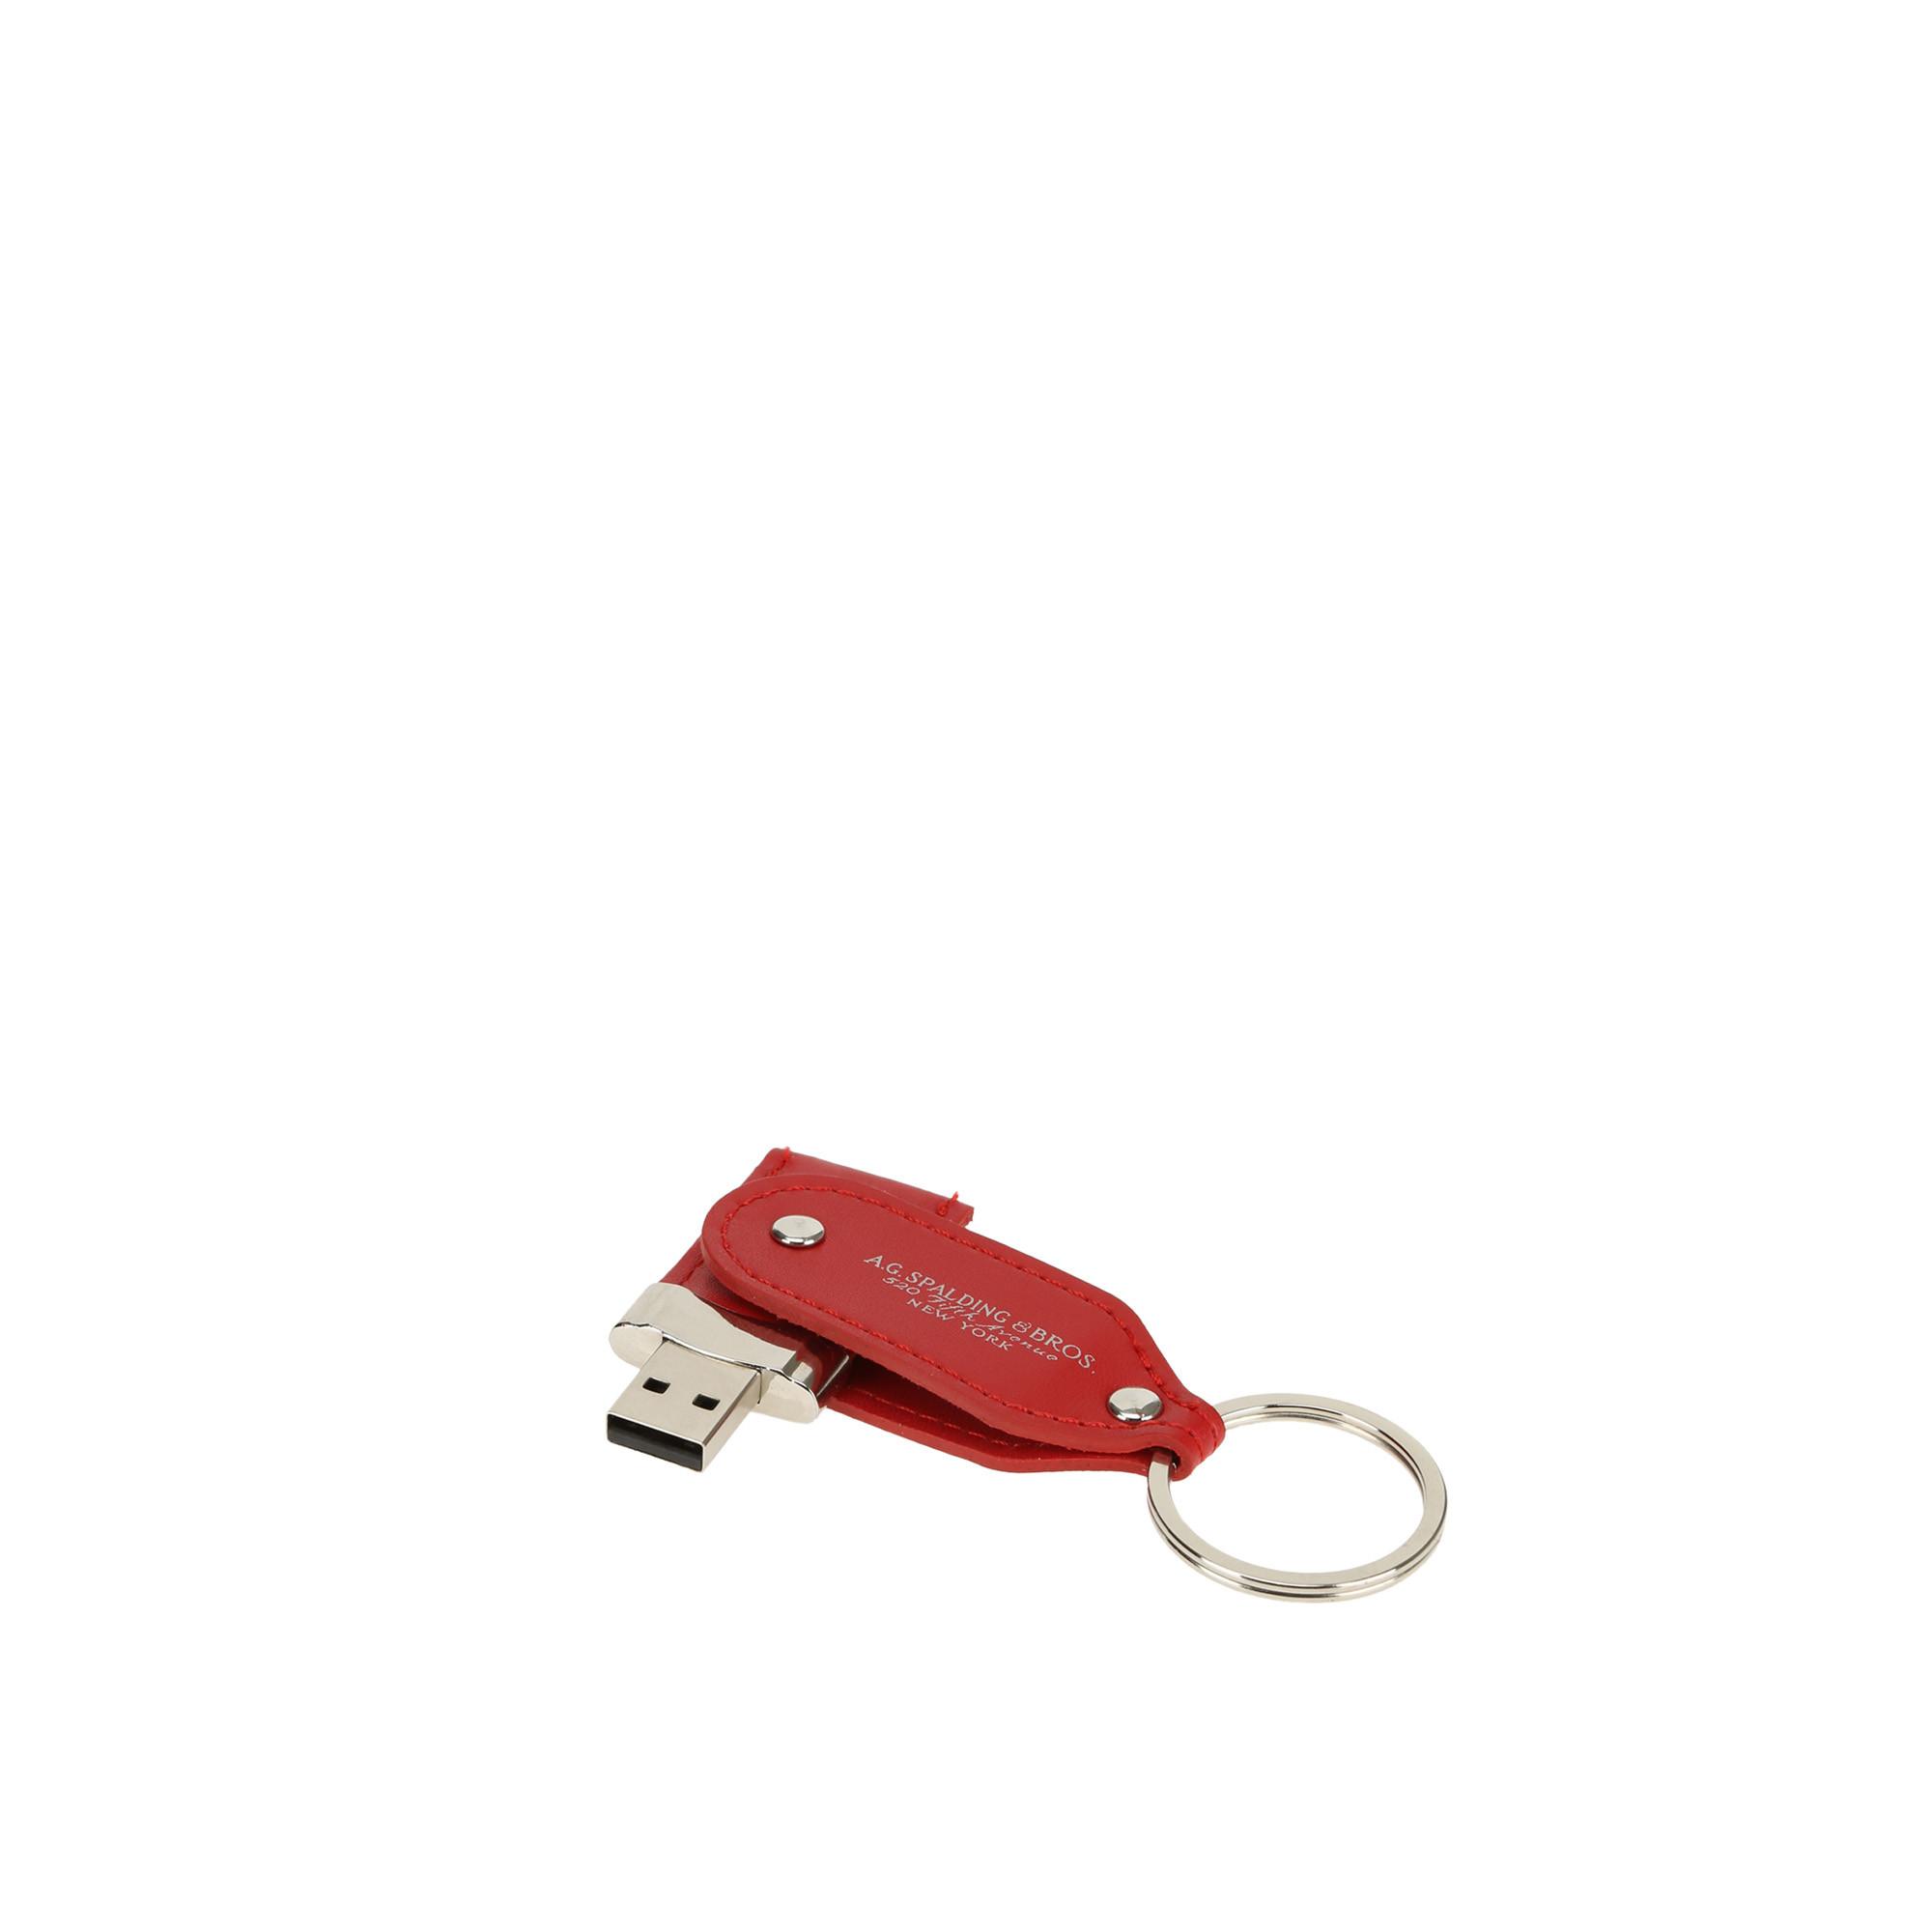 Spalding e Bros Portachiavi con chiavetta USB 16GB in pelle Rossa